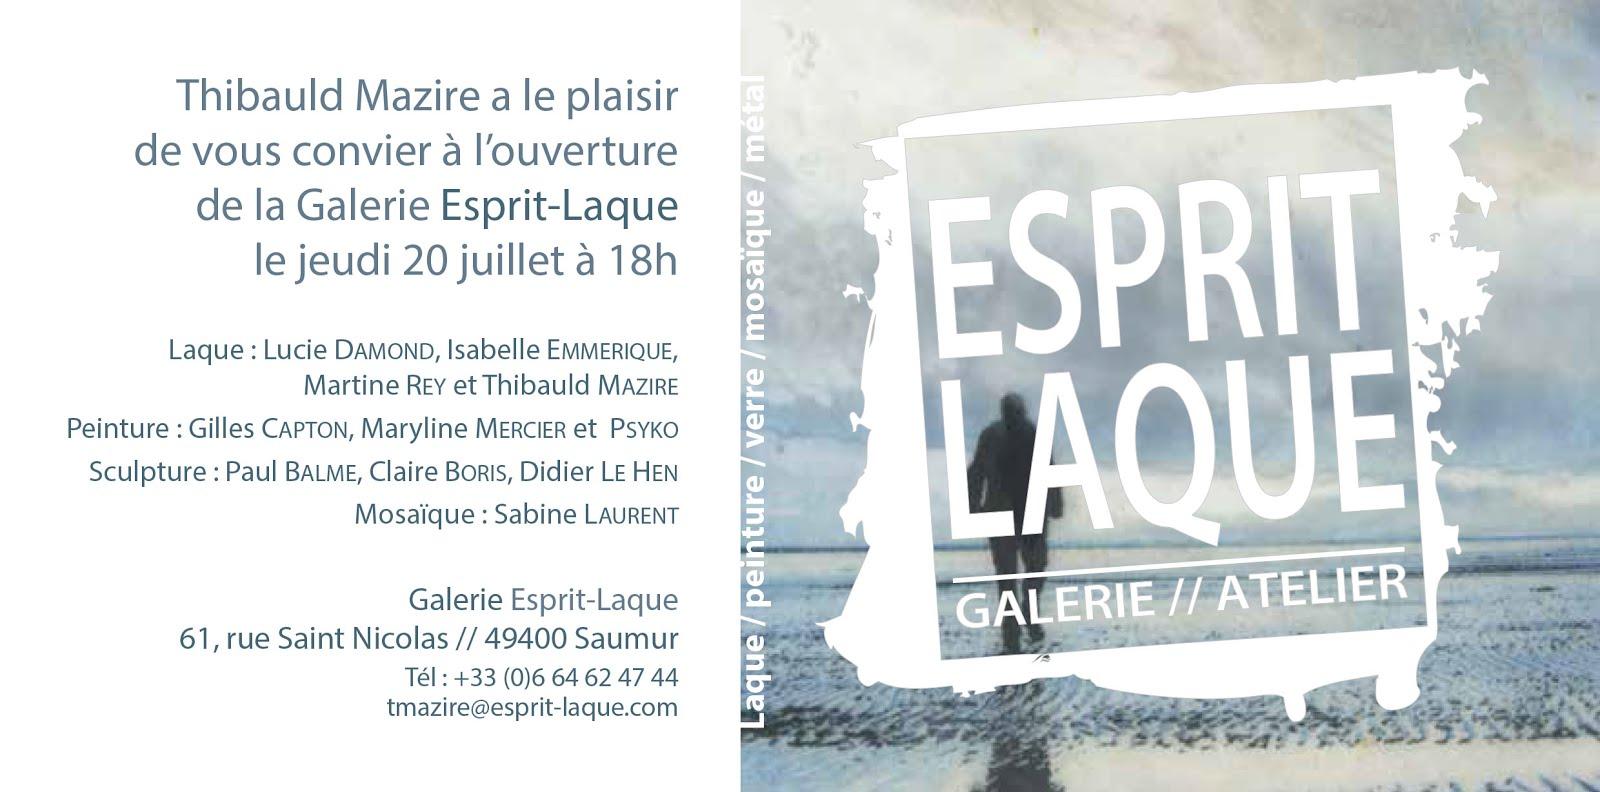 """NOUVEAU À SAUMUR : CAPTON PARMI LES ARTISTES INVITÉS À L'OUVERTURE DE LA GALERIE """"ESPRIT-LAQUE"""""""